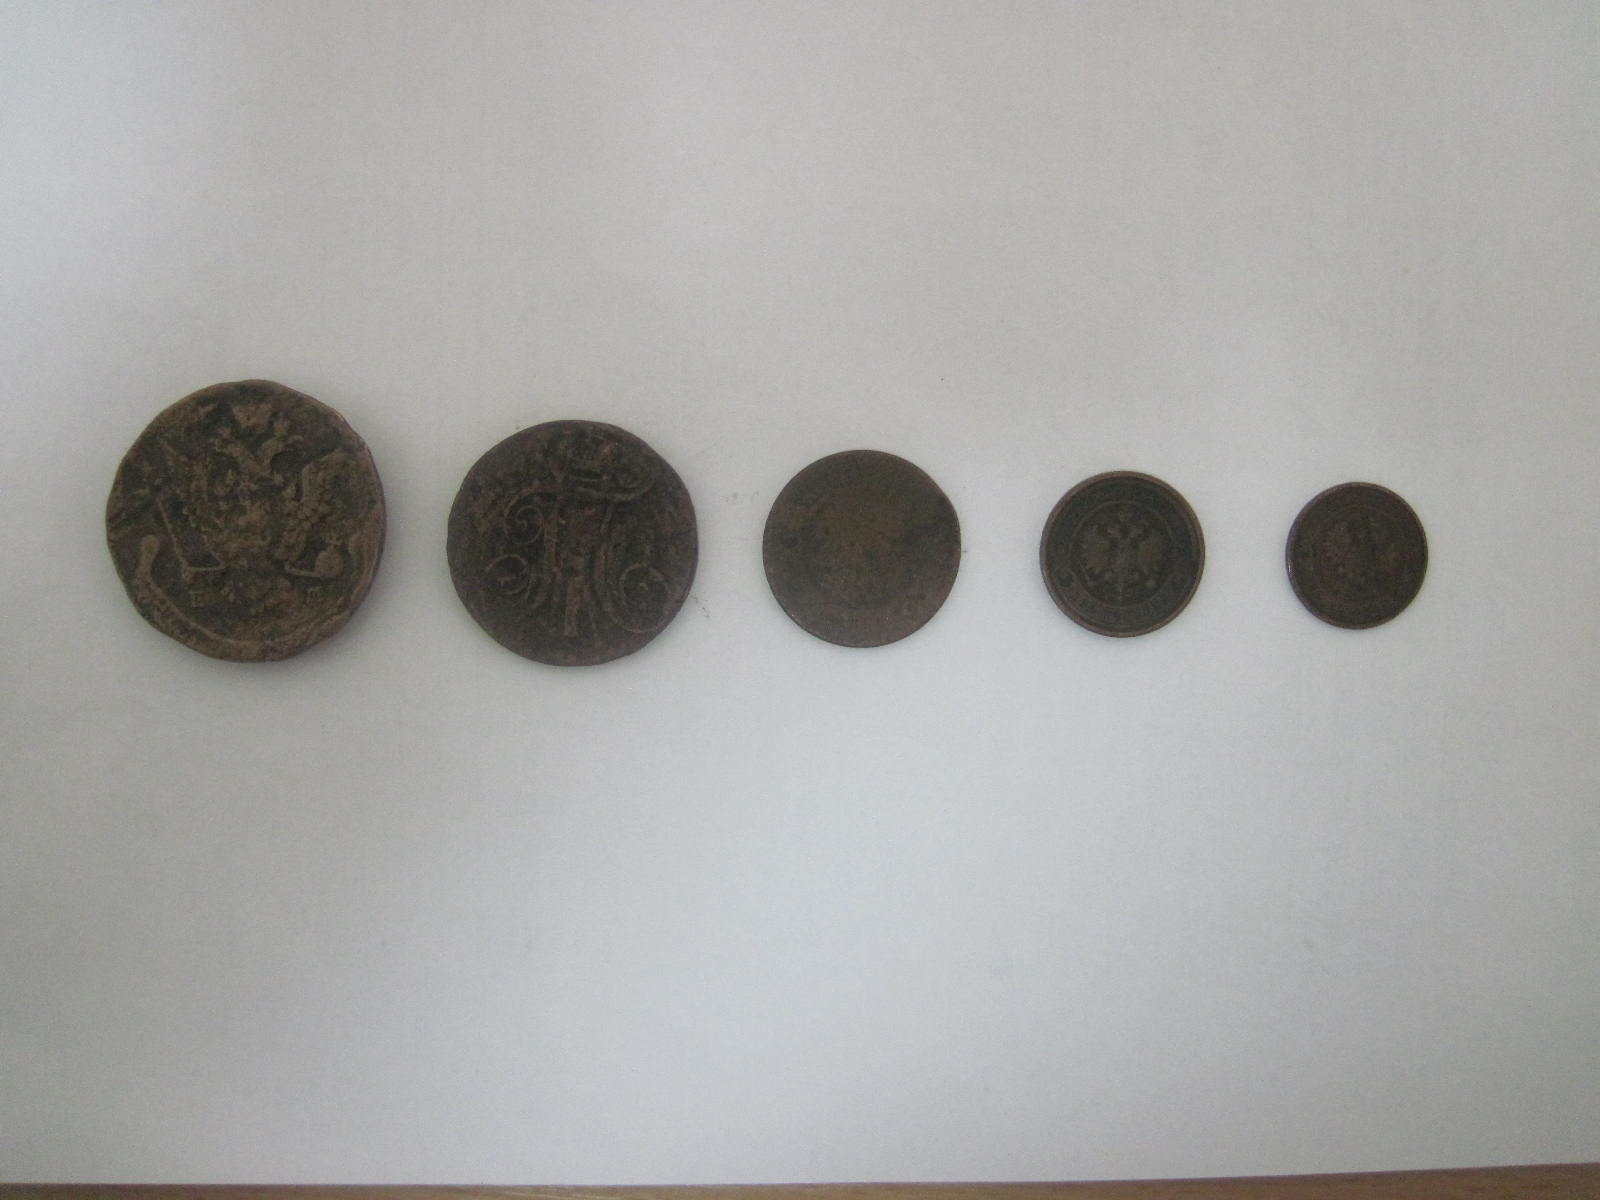 Молдаванин пытался вывезти из Украины старинные монеты (ФОТО)